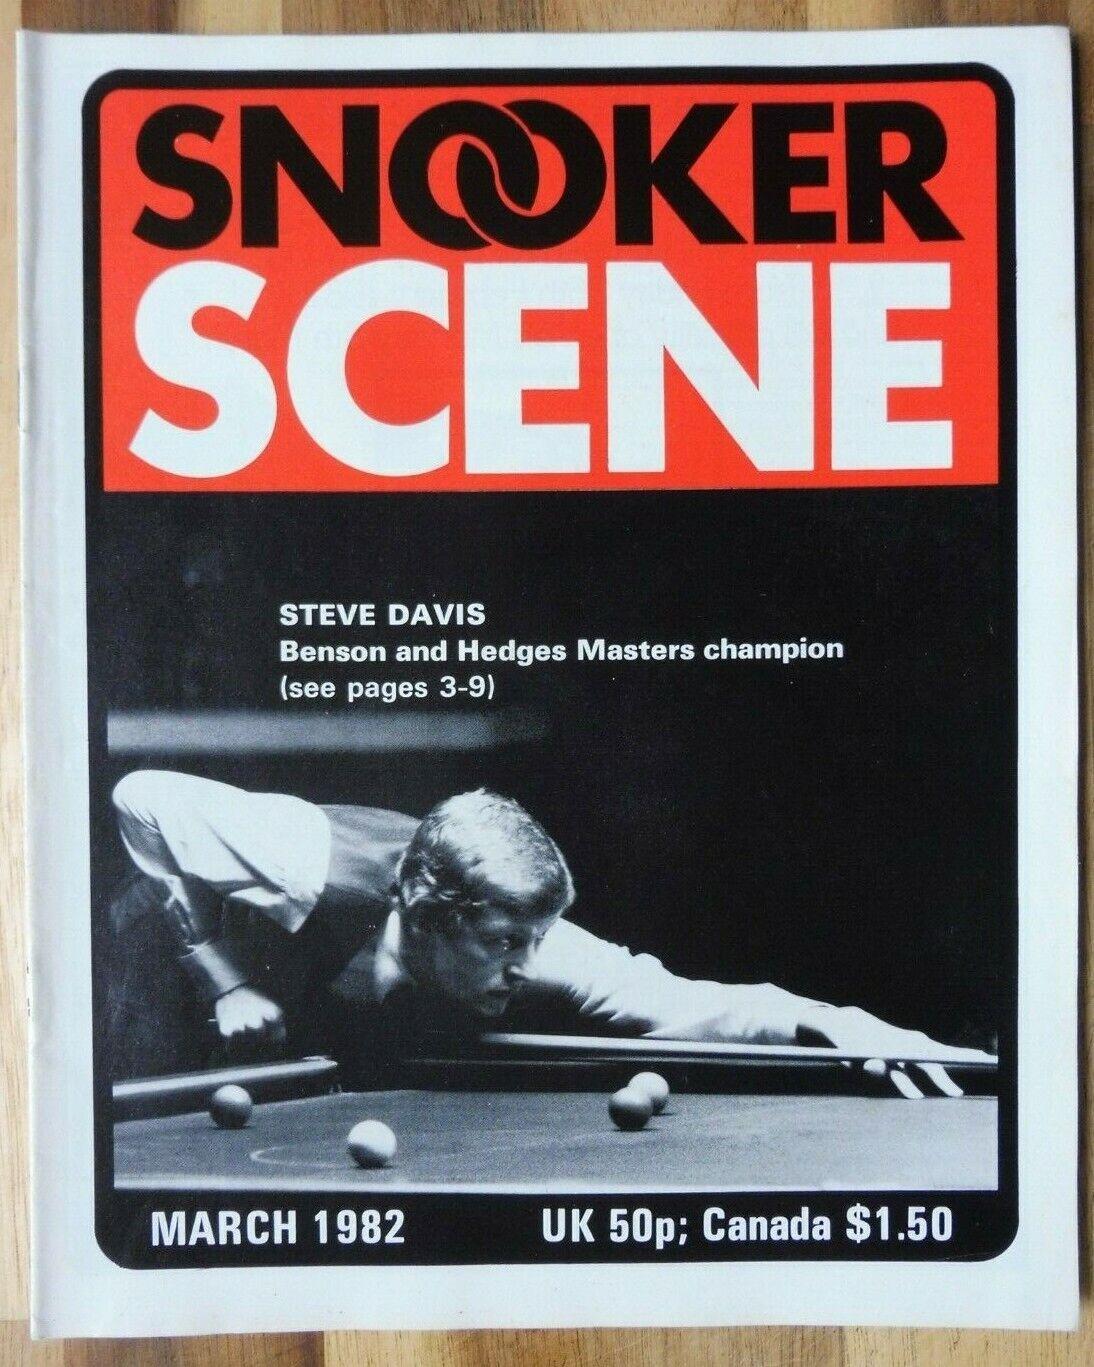 Snooker Scene Magazine, March 1982, Good Condition.